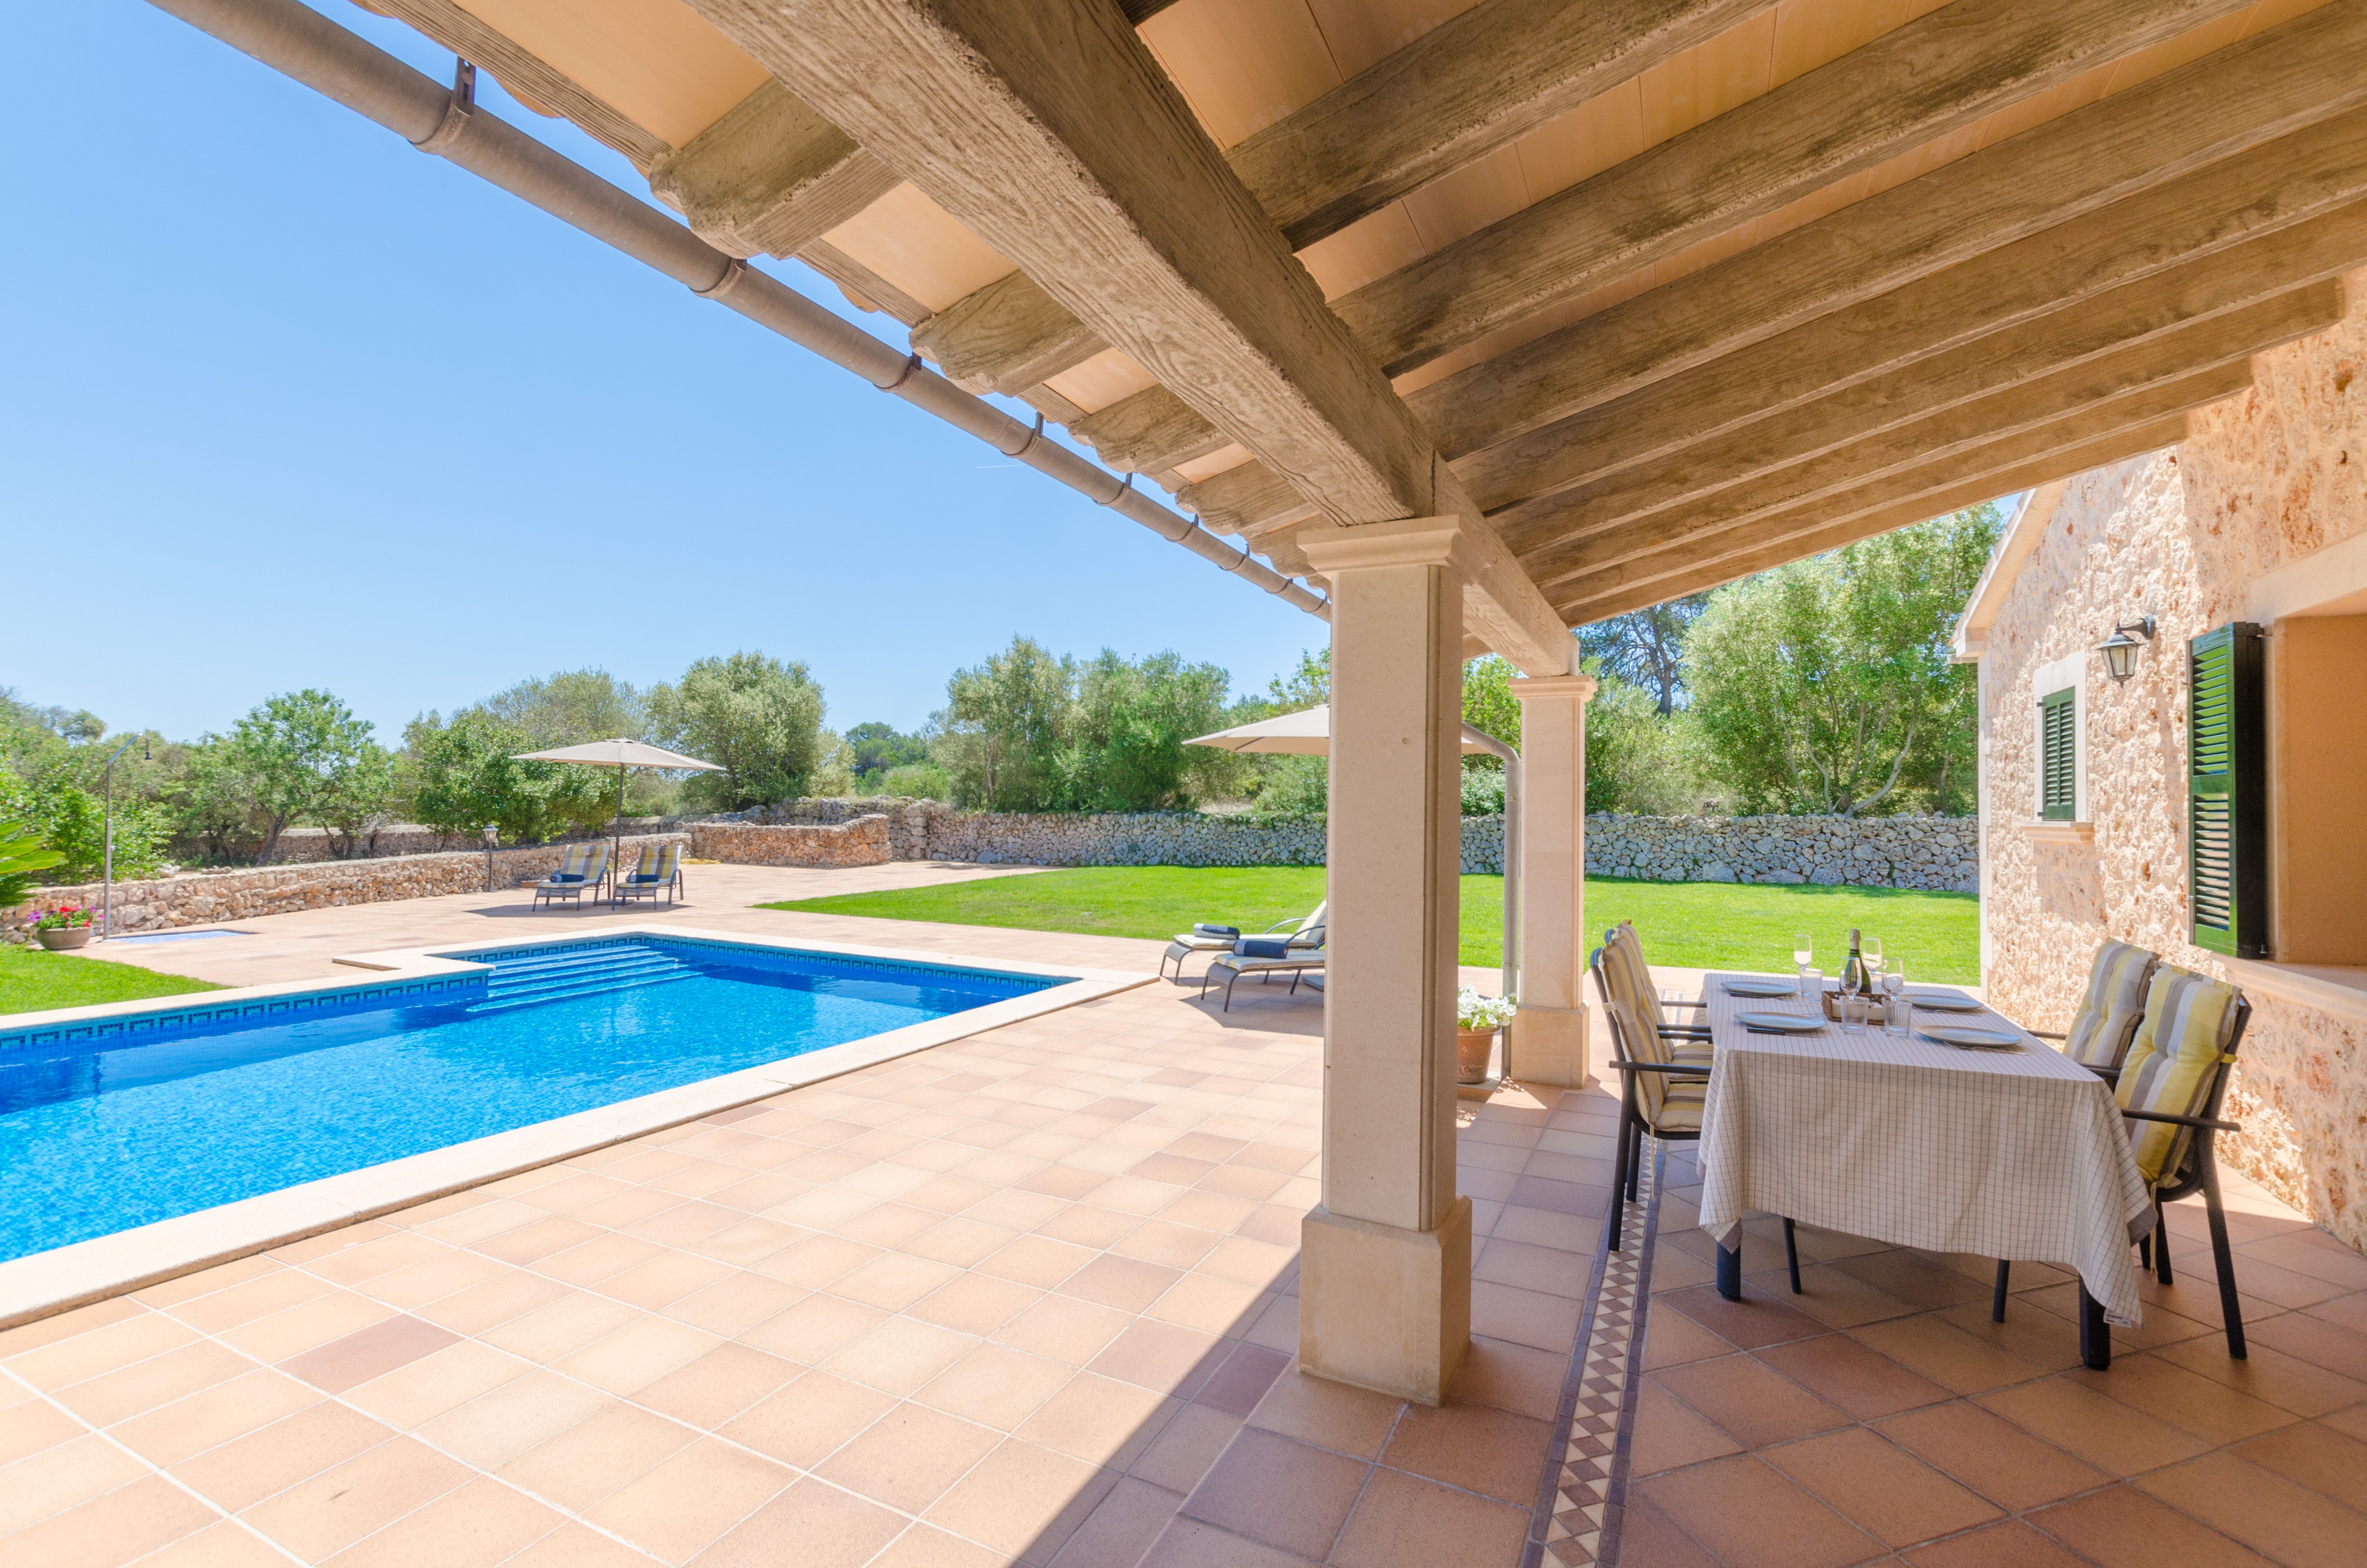 Maison de vacances ES VEDAT (2632993), Lloret de Vistalegre, Majorque, Iles Baléares, Espagne, image 10